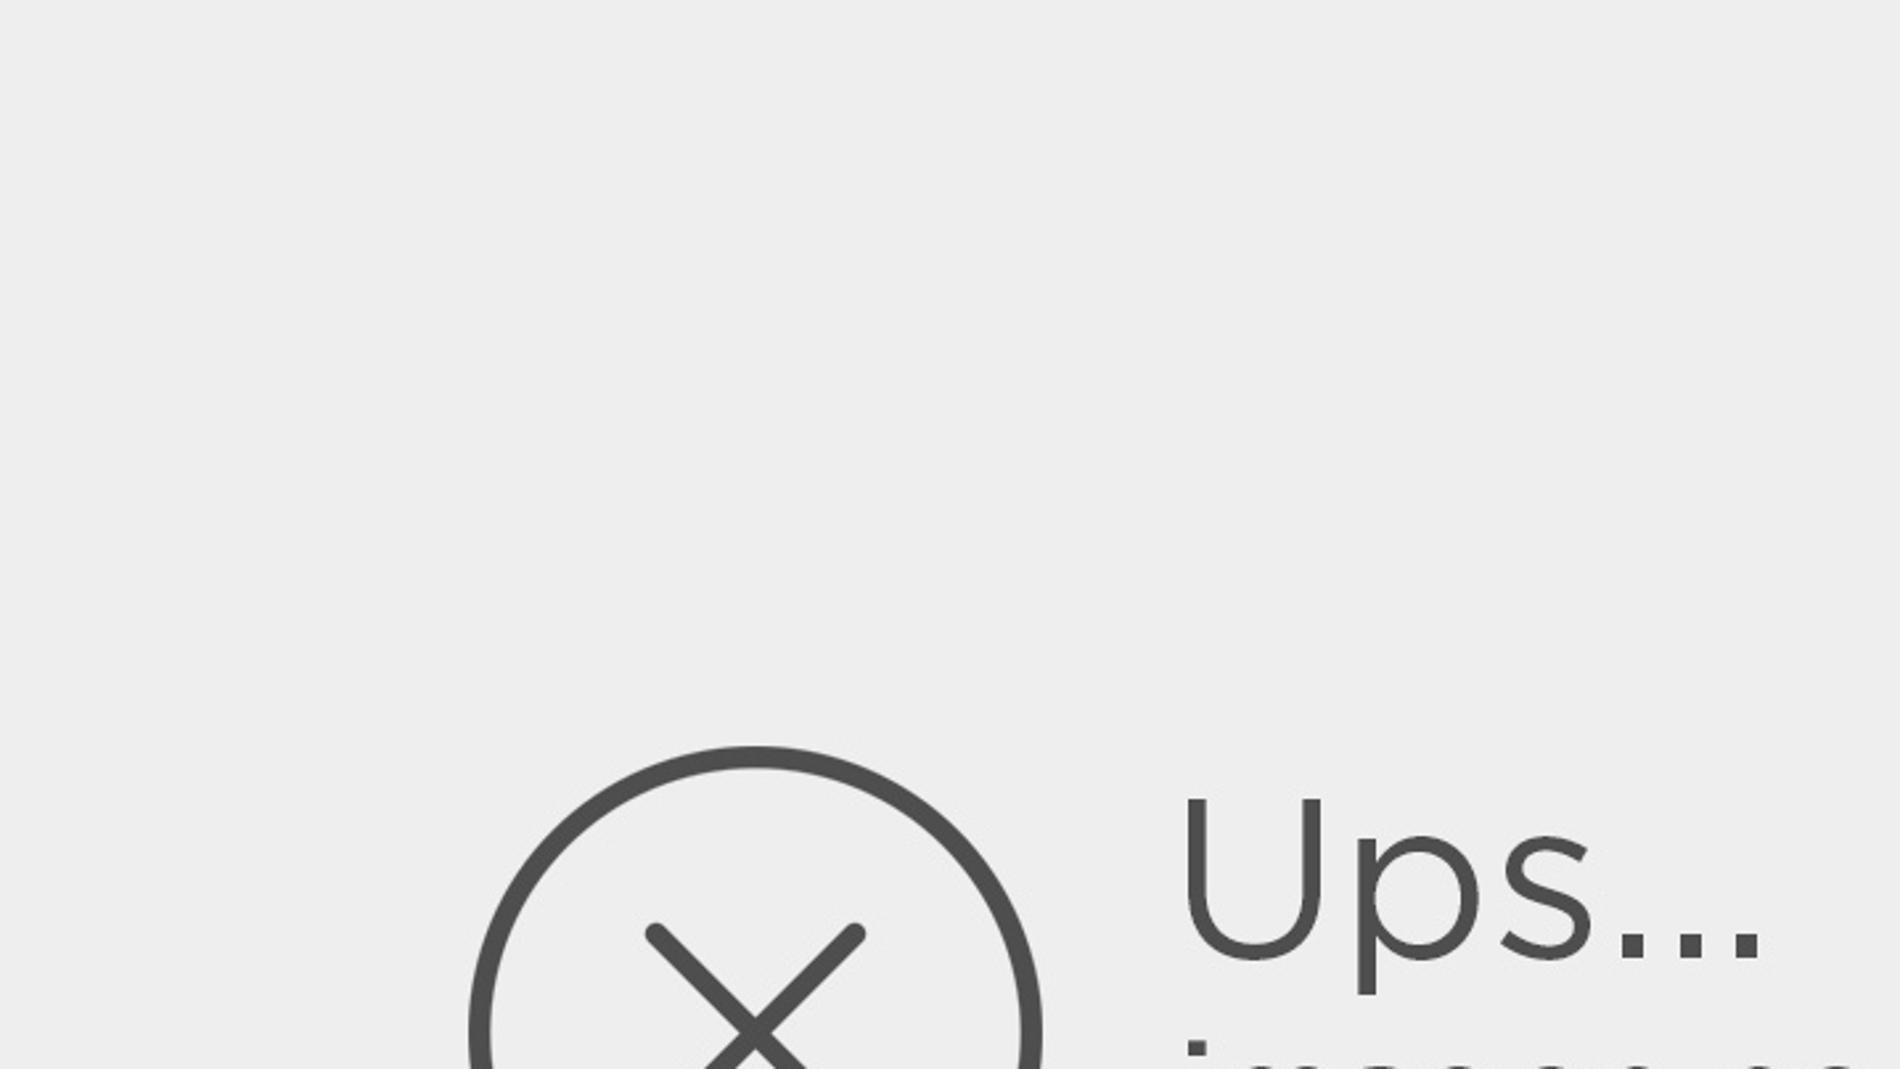 Natalia de Molina y Ursula Corbero